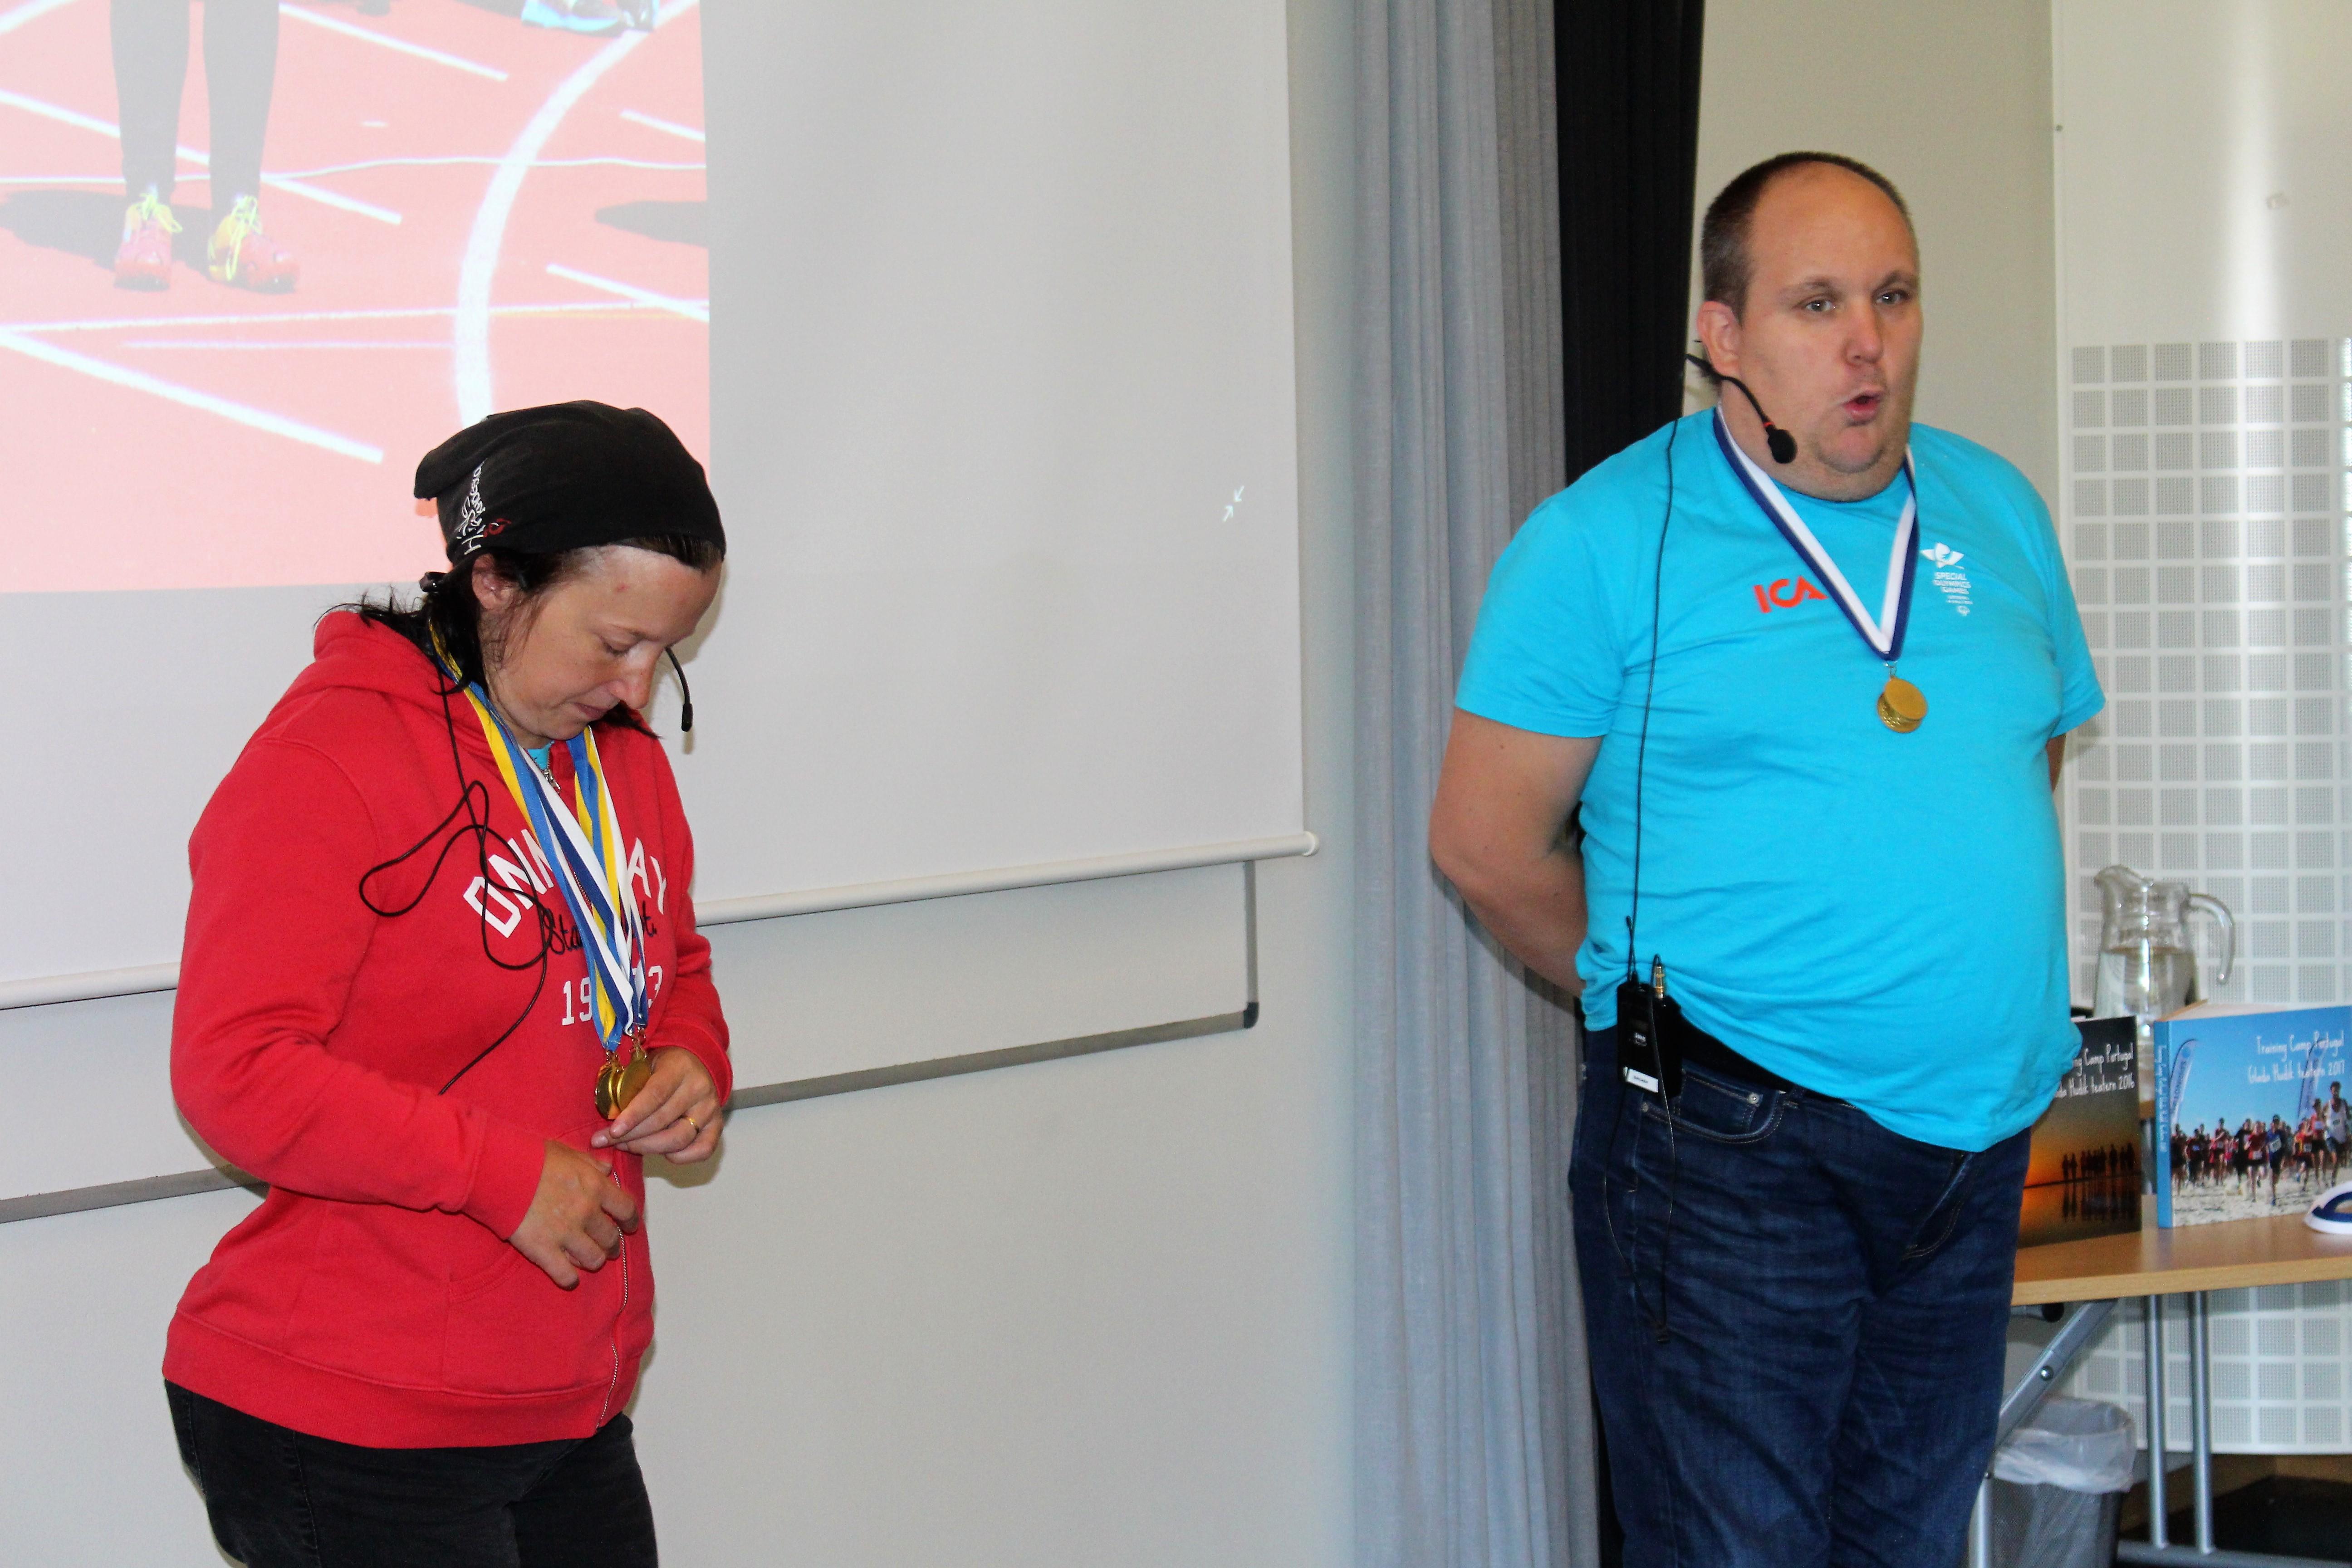 Emma och Patrik pratar om idrott